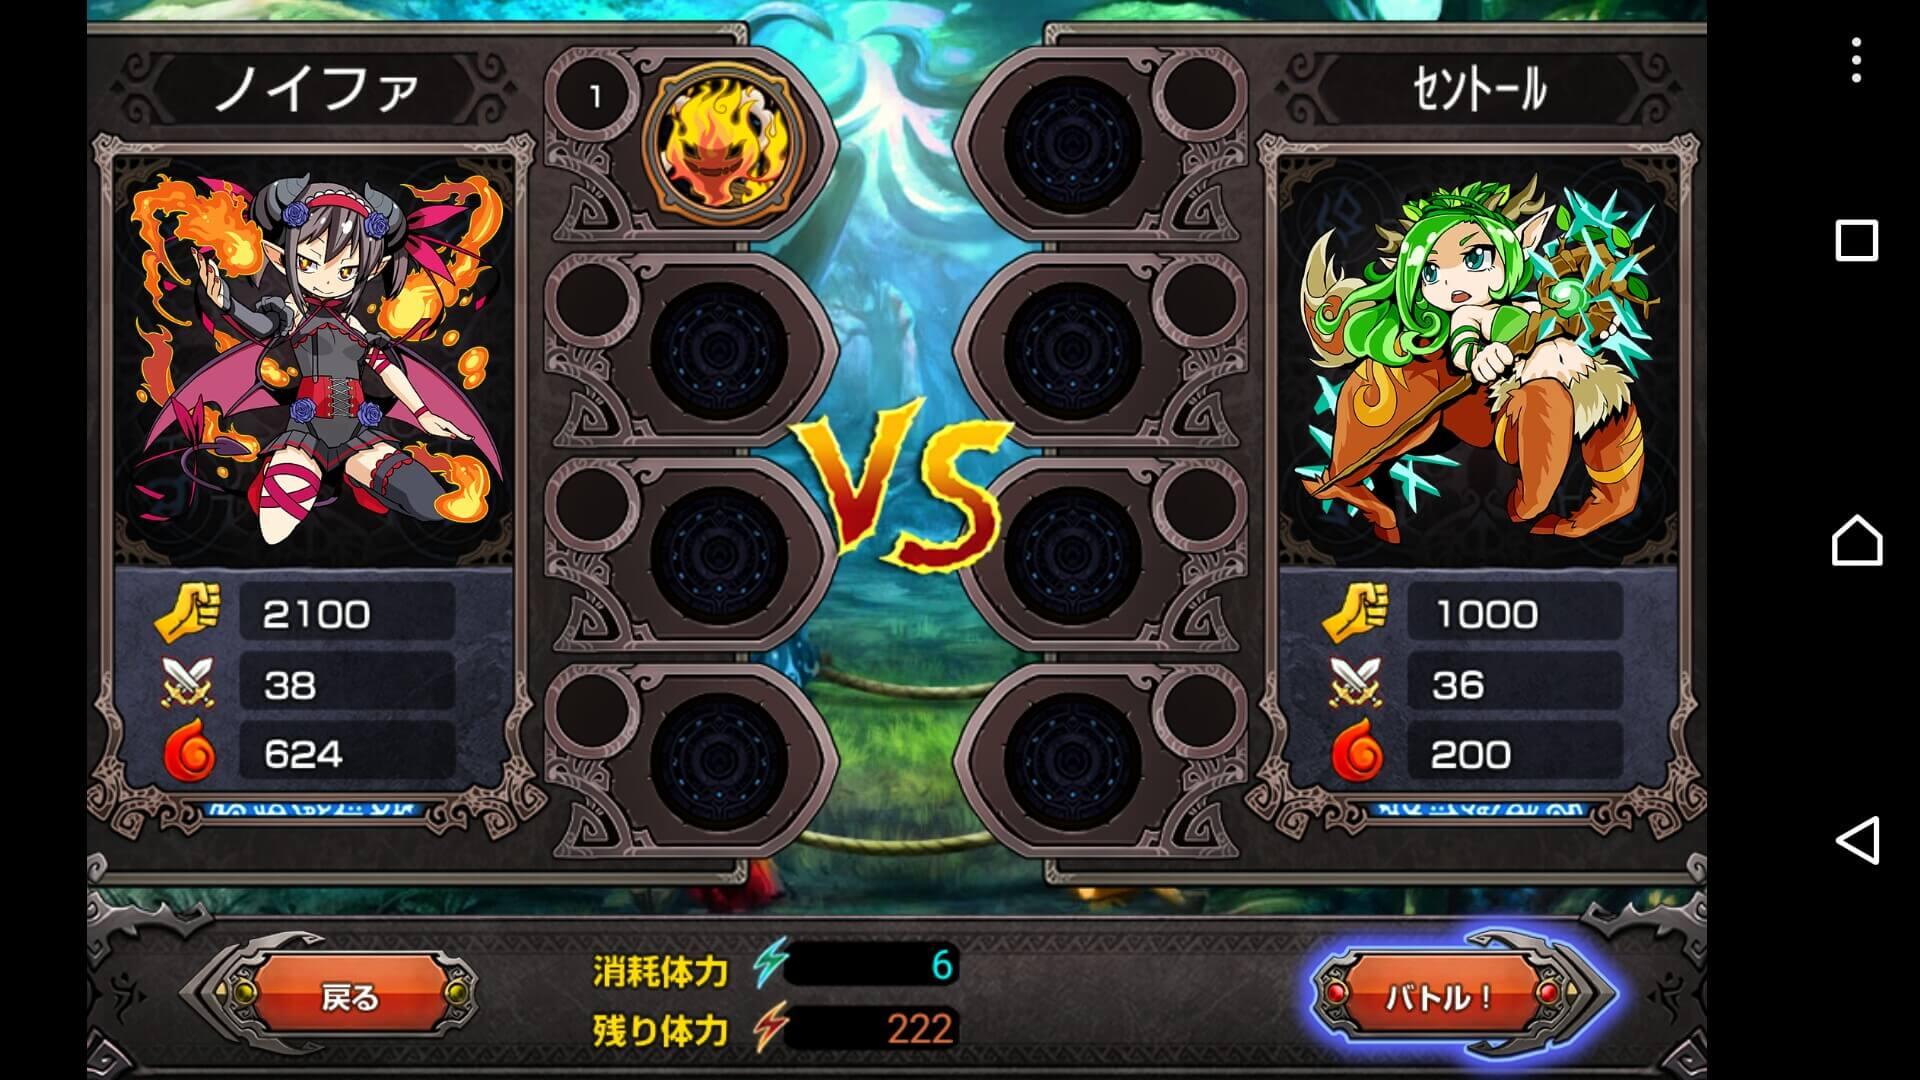 オルタナマジック-魔女戦記17 VSセントール